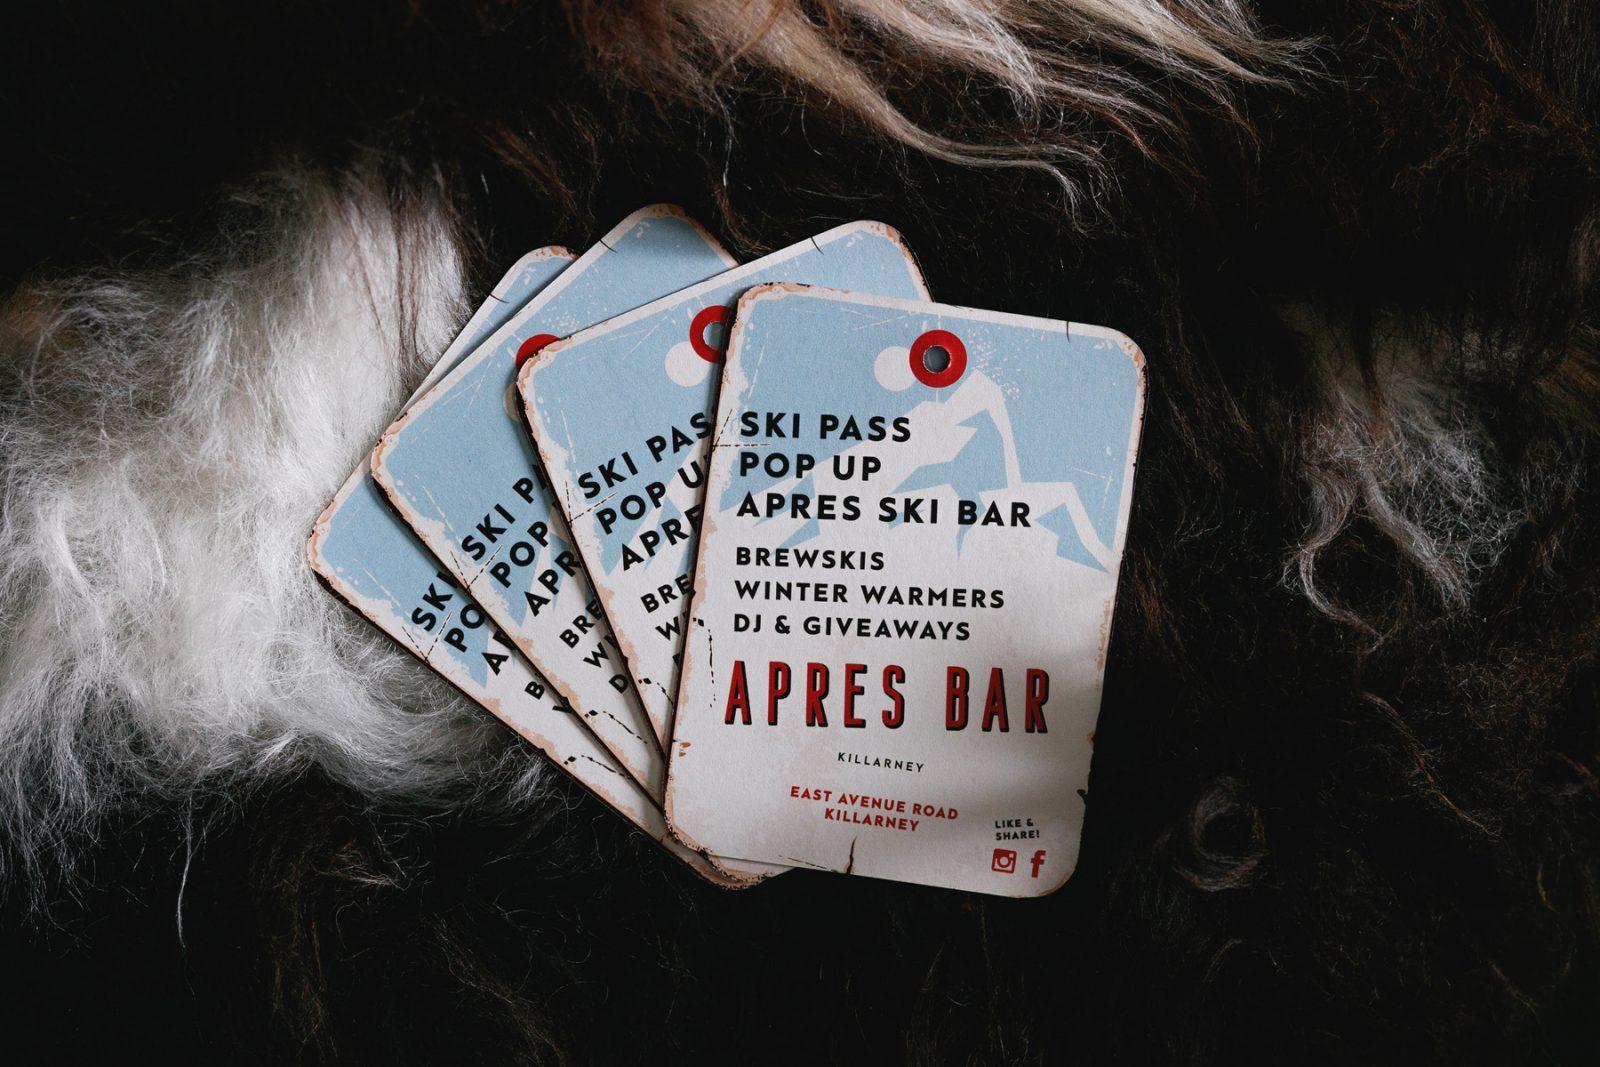 apres bar